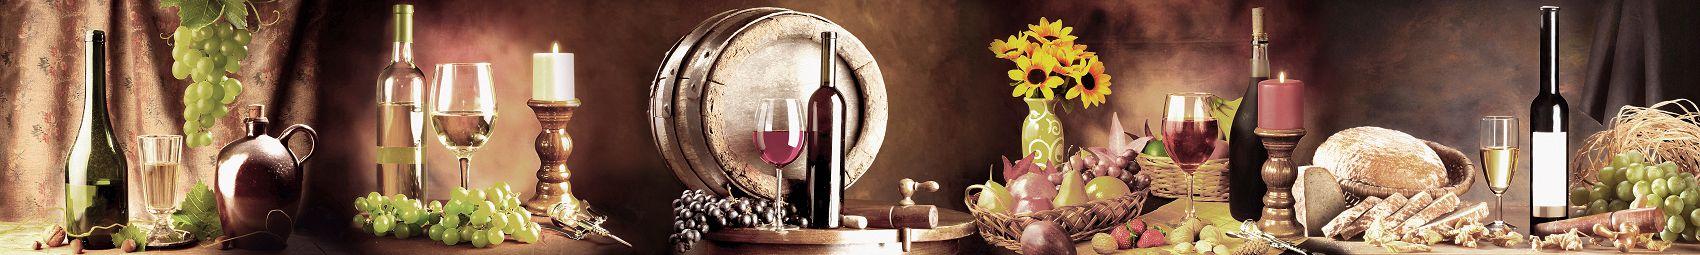 Скинали натюрморт с вином и свечами